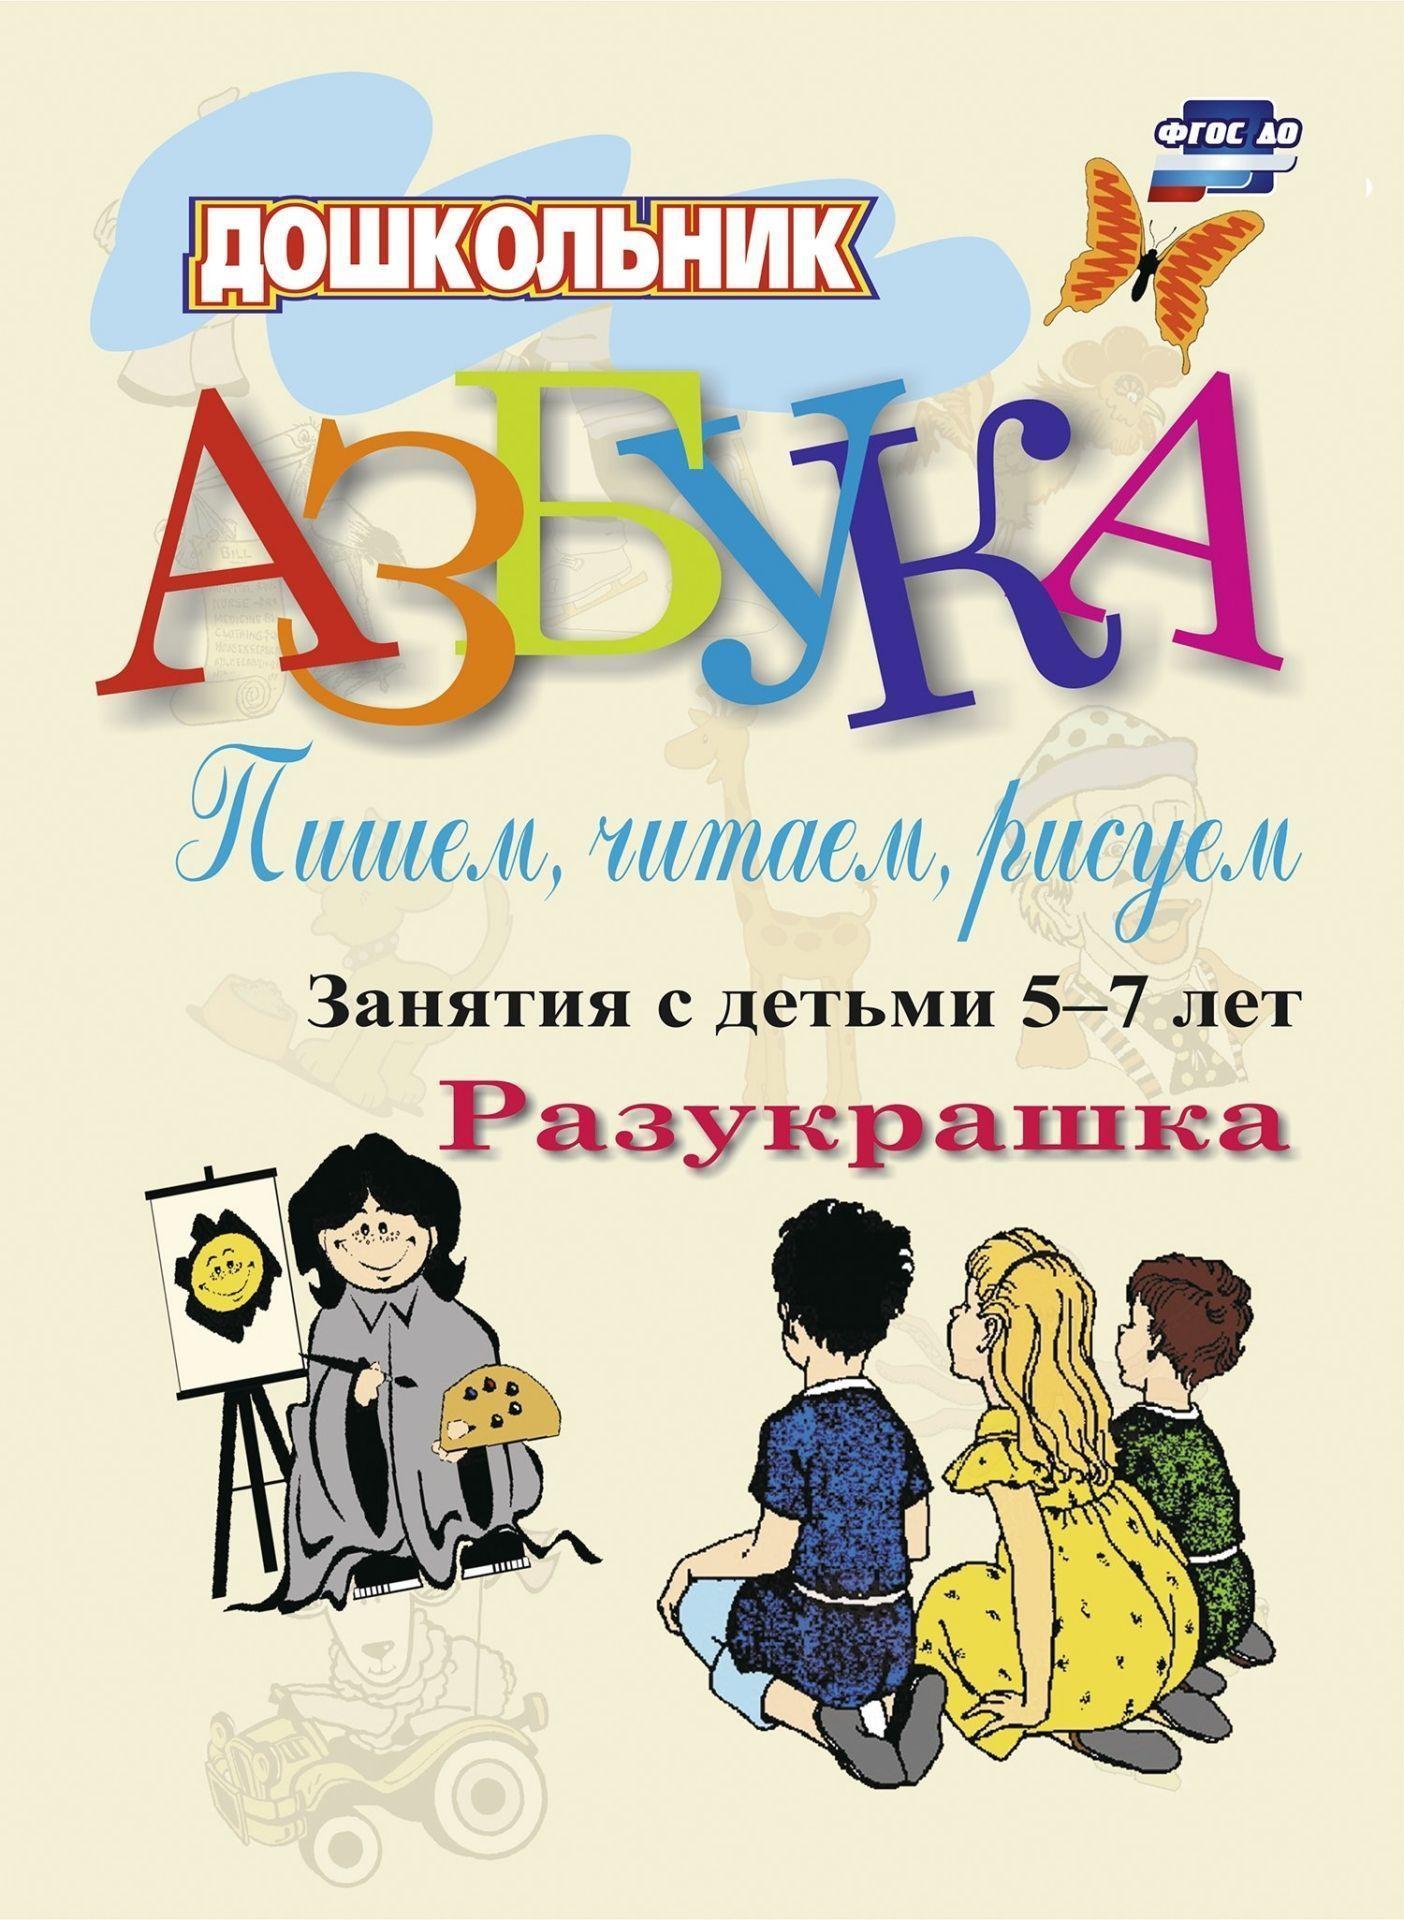 Е. М. Стромчинская, И. В. Гришина Азбука. Пишем, читаем, рисуем. Занятия с детьми 5-7 лет. Разукрашка